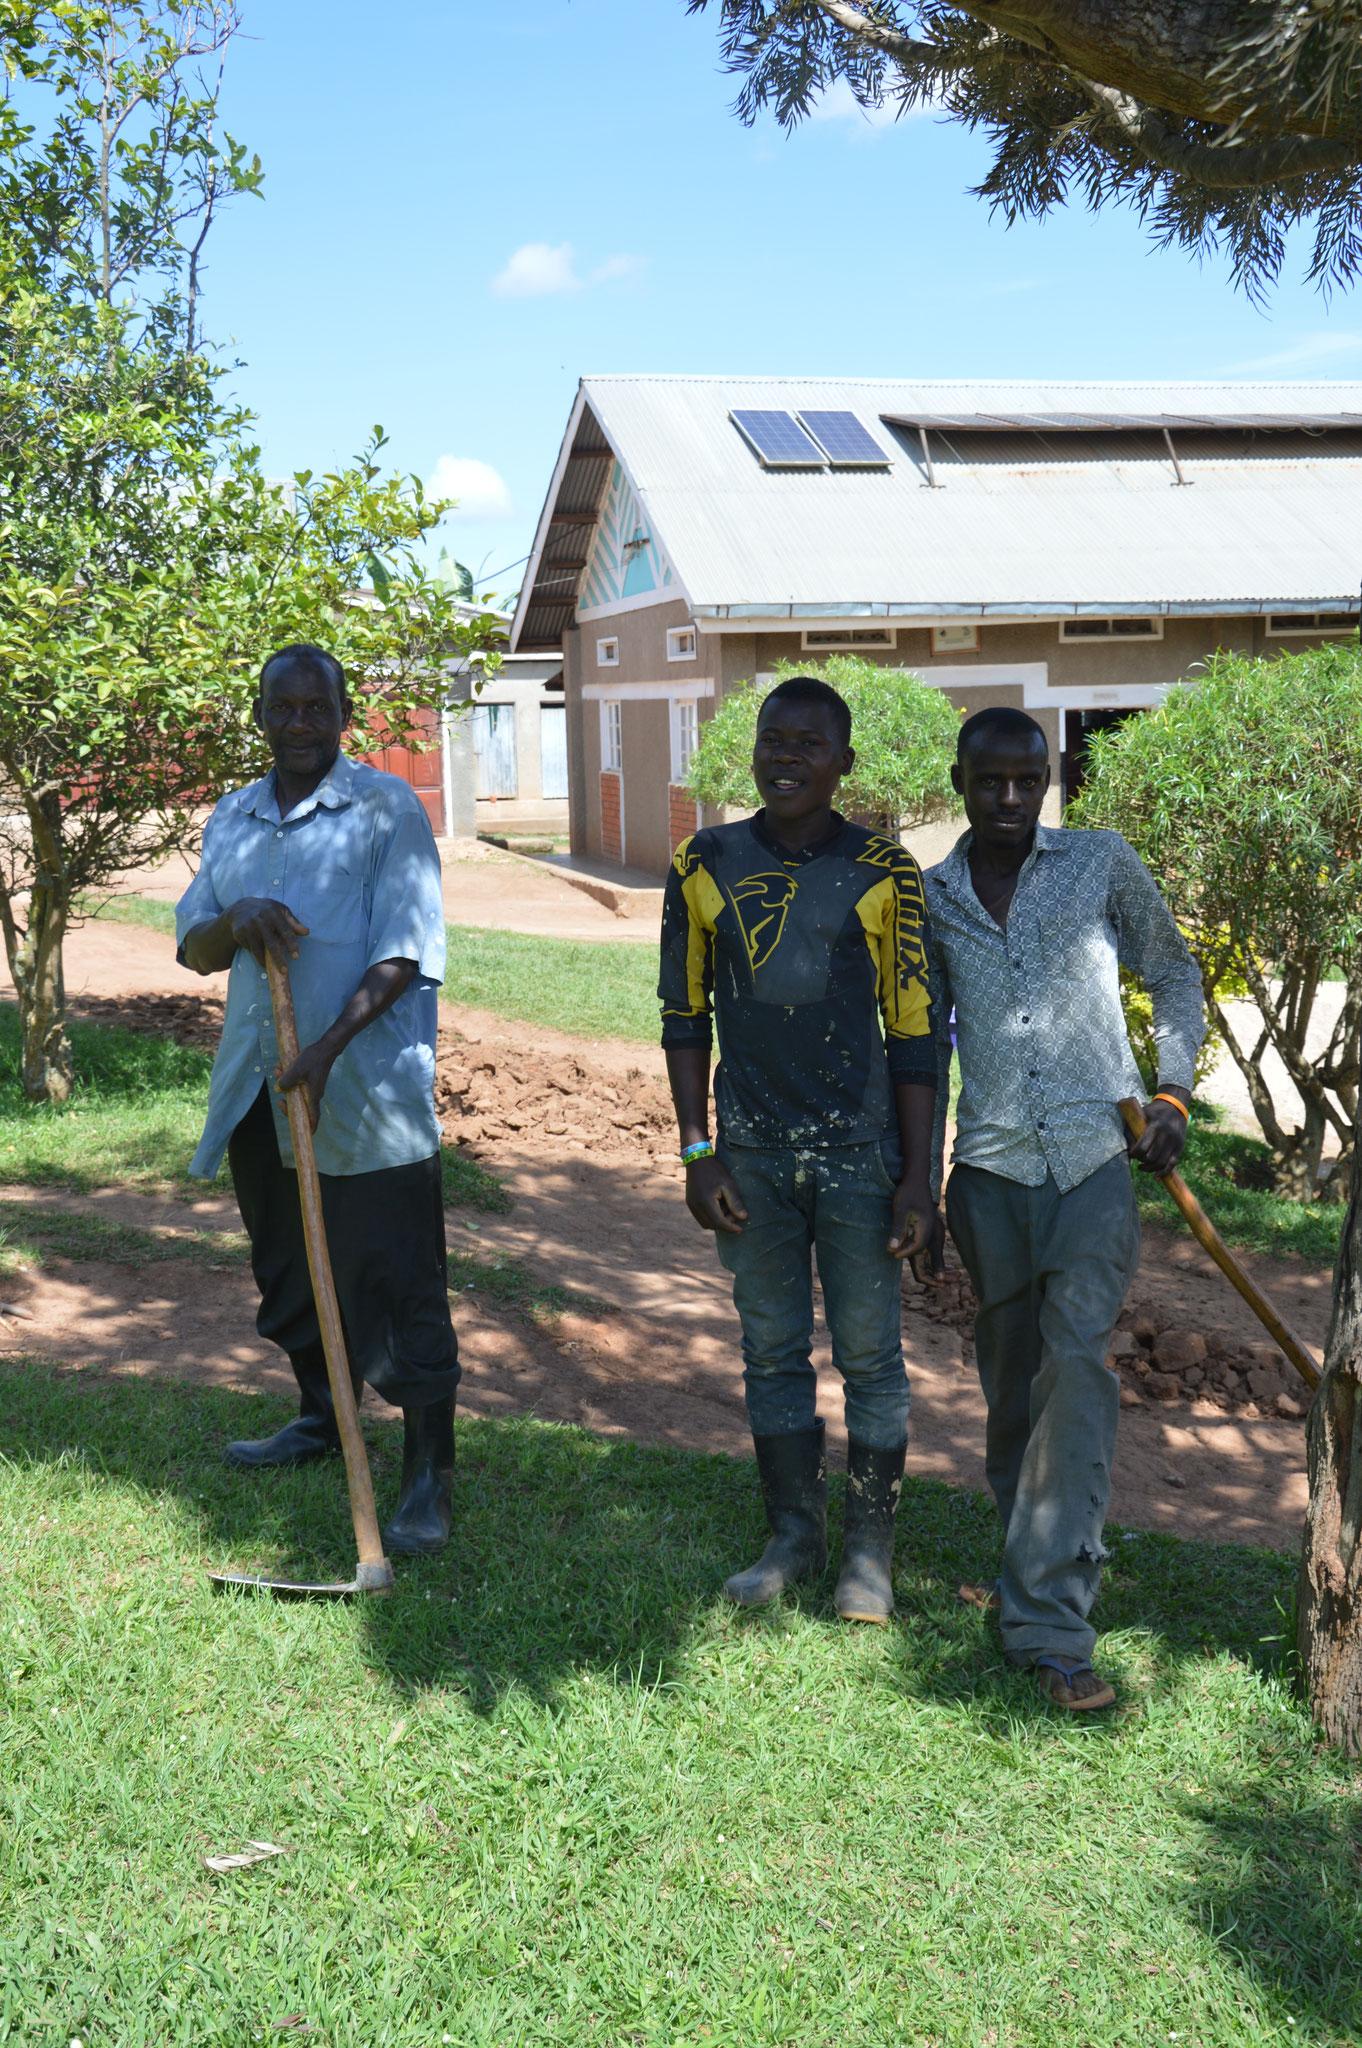 Die 3 Bauarbeiter